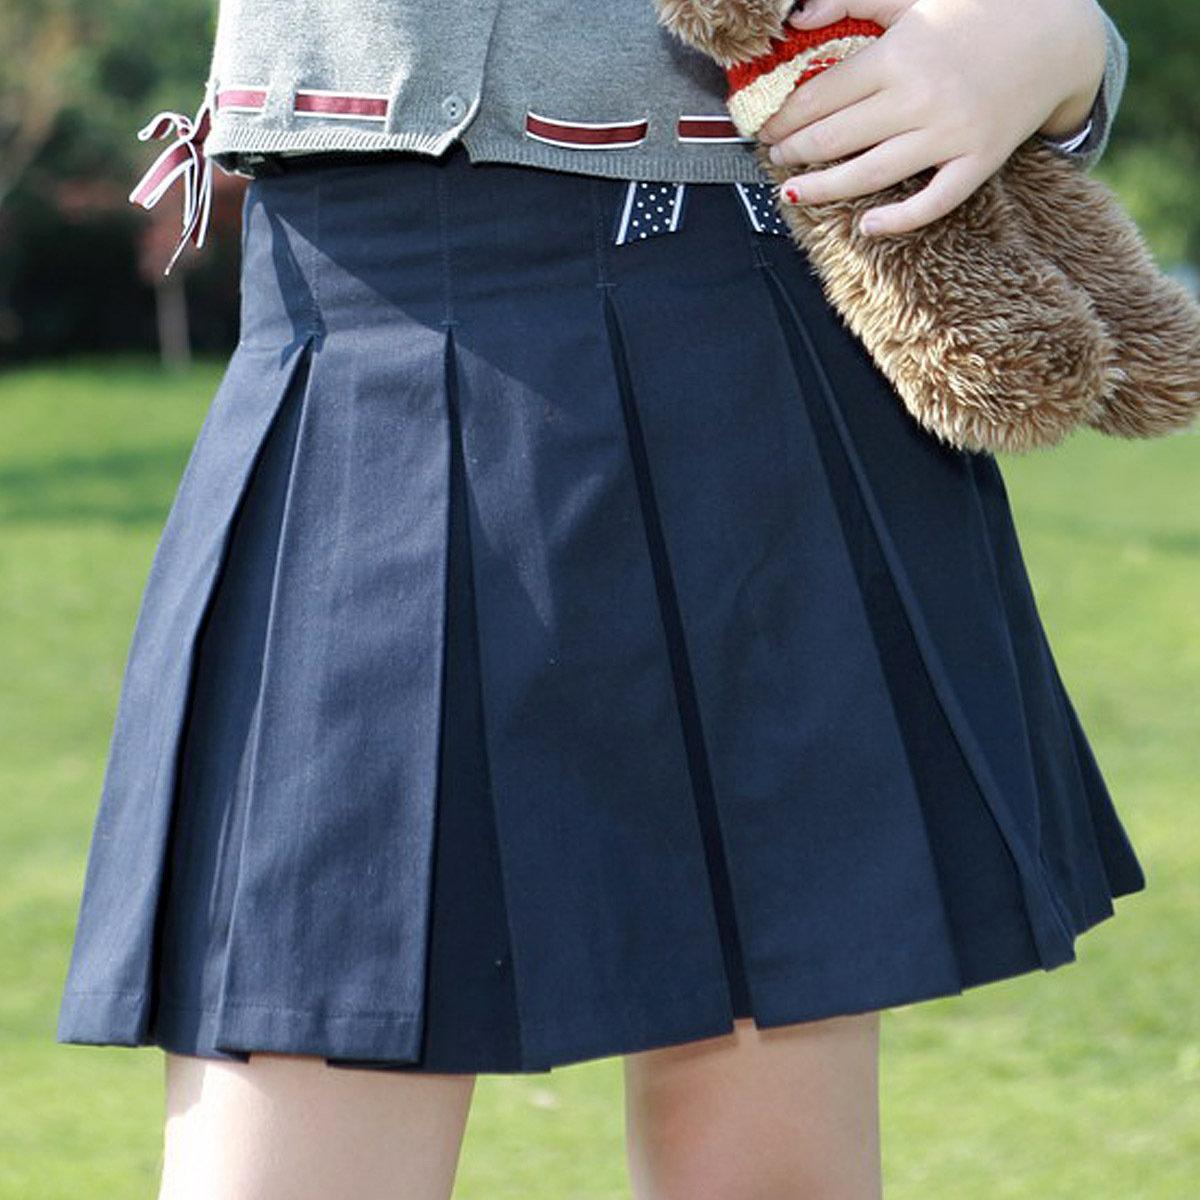 Школьная юбка в складку своими руками фото 116